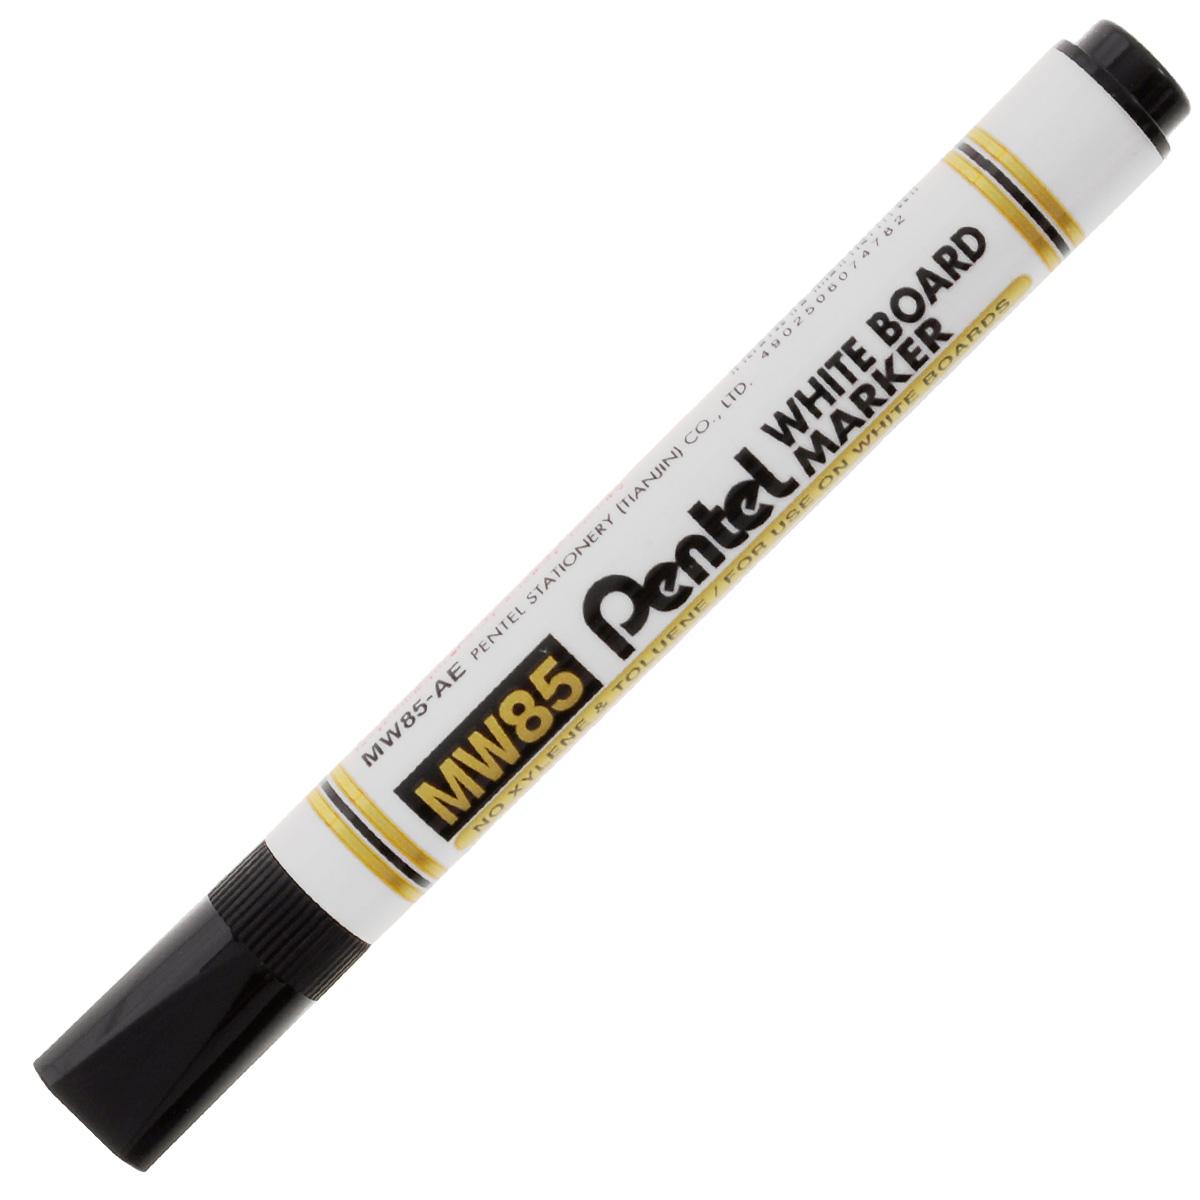 Маркер Pentel, для досок, цвет: черныйFS-00897Маркер Pentel черного цвета станет для вас верным помощником при проведении презентаций или семинаров.Маркер выполнен из пластика и предназначен для письма на доске. Корпус маркера белого цвета, а цвет колпачка соответствует цвету чернил. Маркер обеспечивает ровные и четкие линии, диаметр стержня 4,2 мм. Уникальный квадратный колпачок не позволит ему скатиться со стола, и он всегда будет у вас под рукой.Рекомендуемый возраст: от 3 лет.